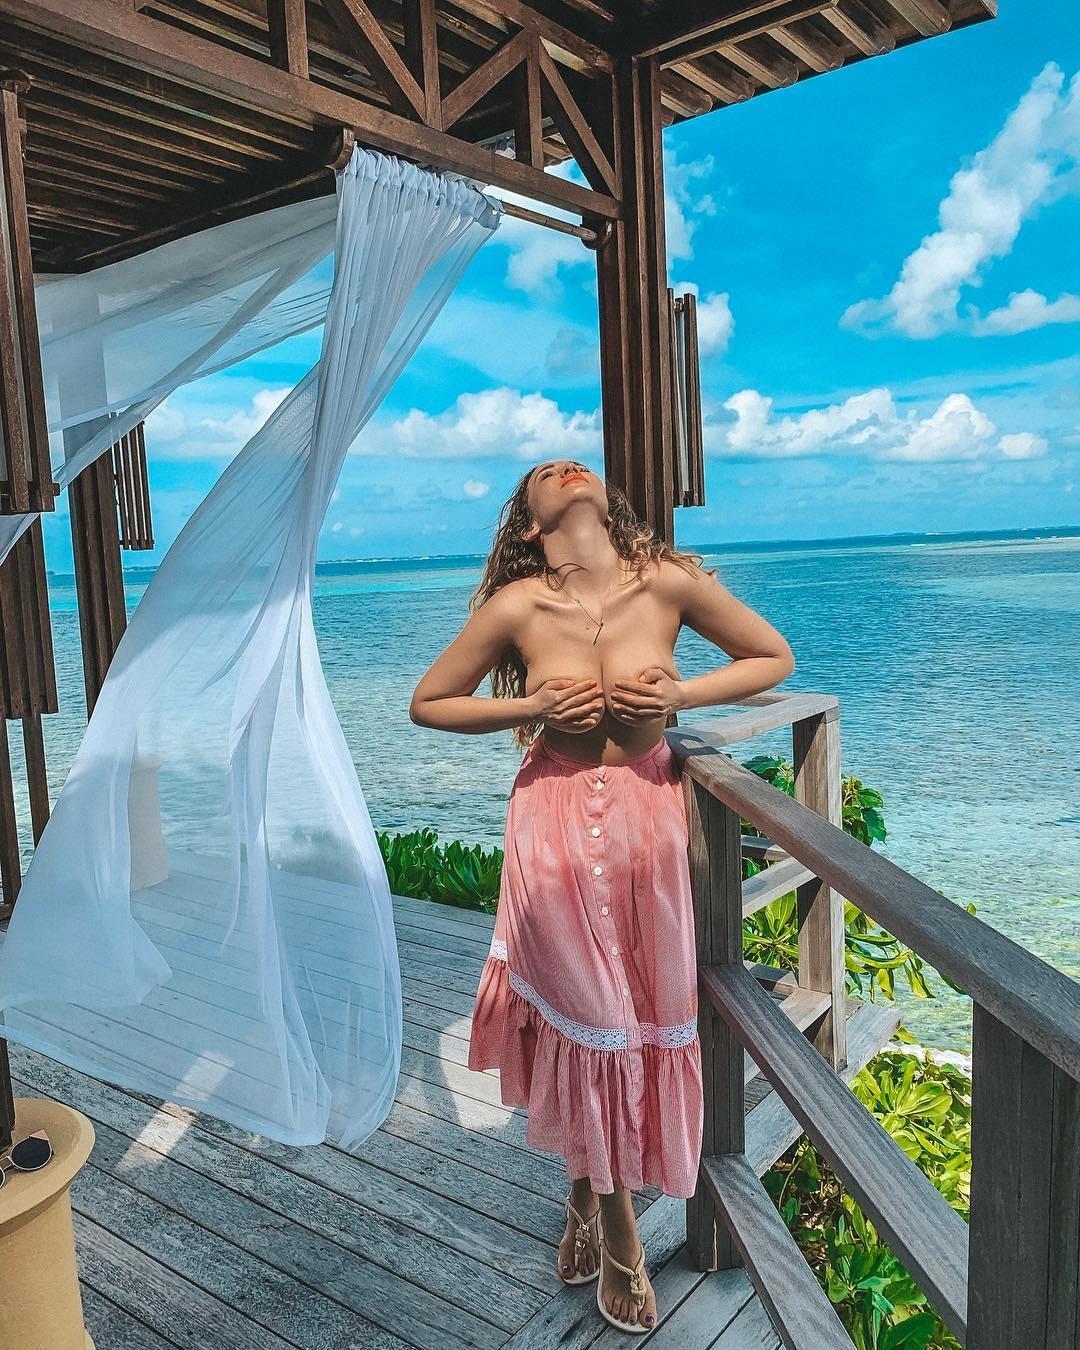 Анфиса Чехова опубликовала в сети пикантные фото с отдыха на Мальдивах (4 фото)